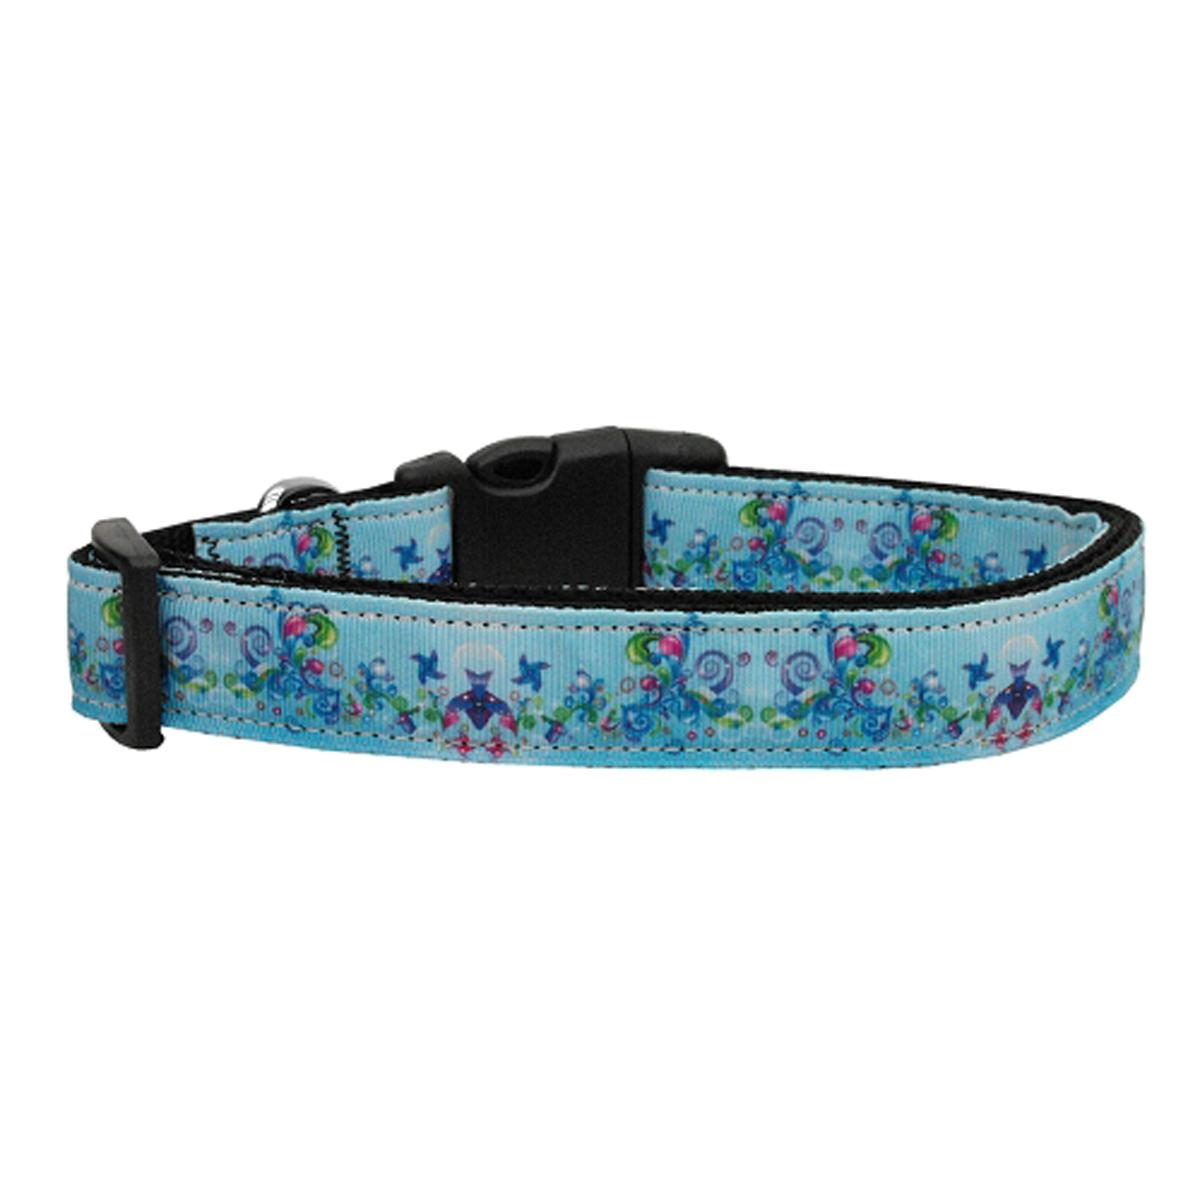 Dreamy Blue Dog Collar